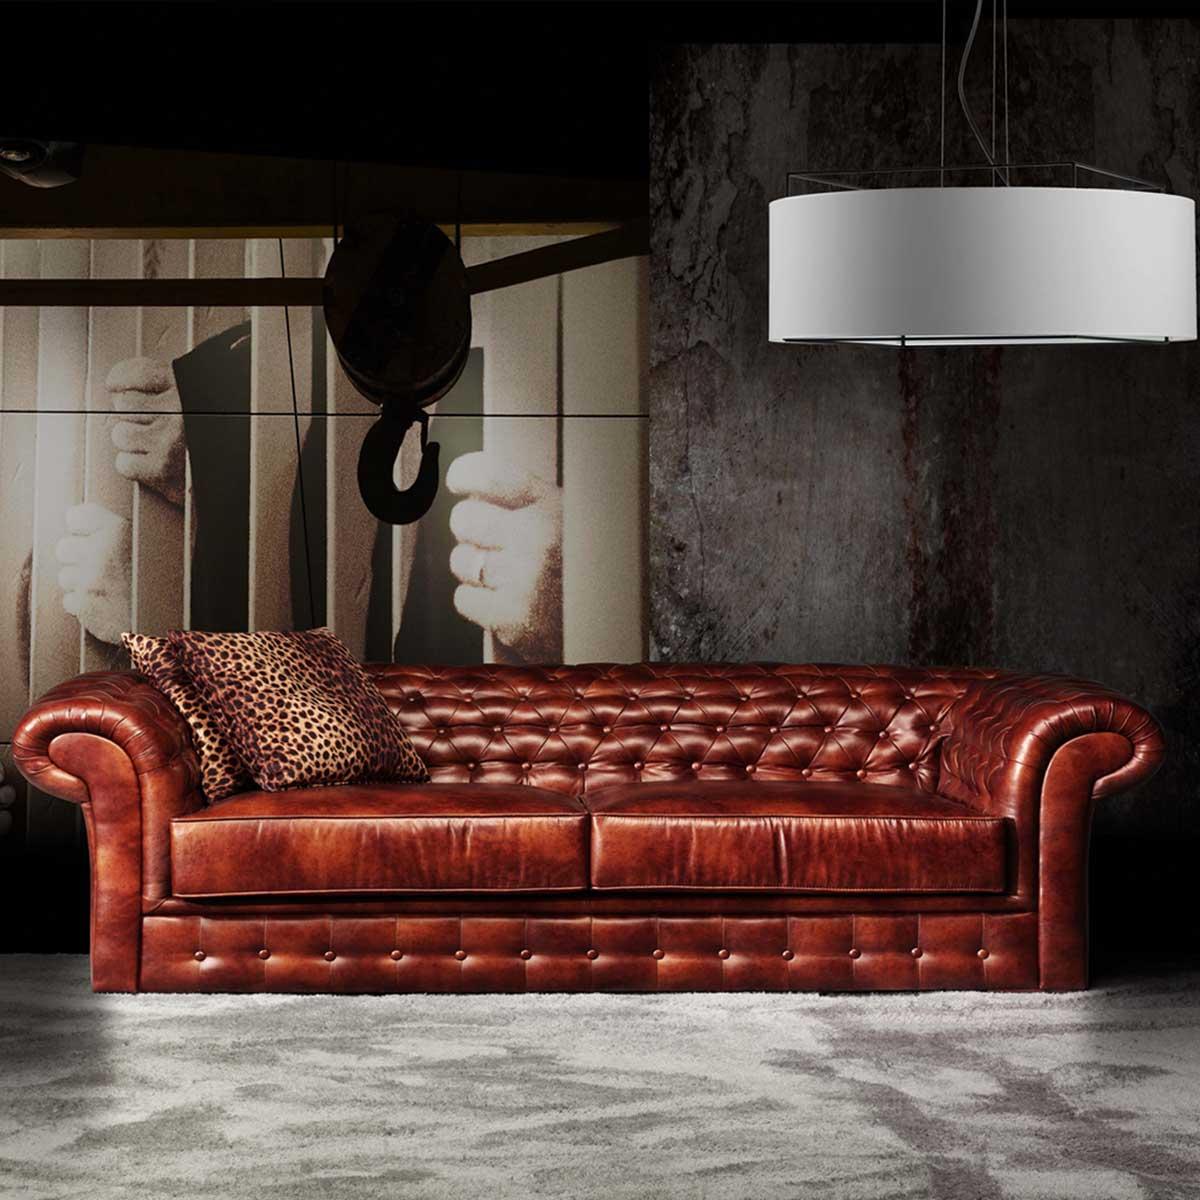 fotografo especialista muebles